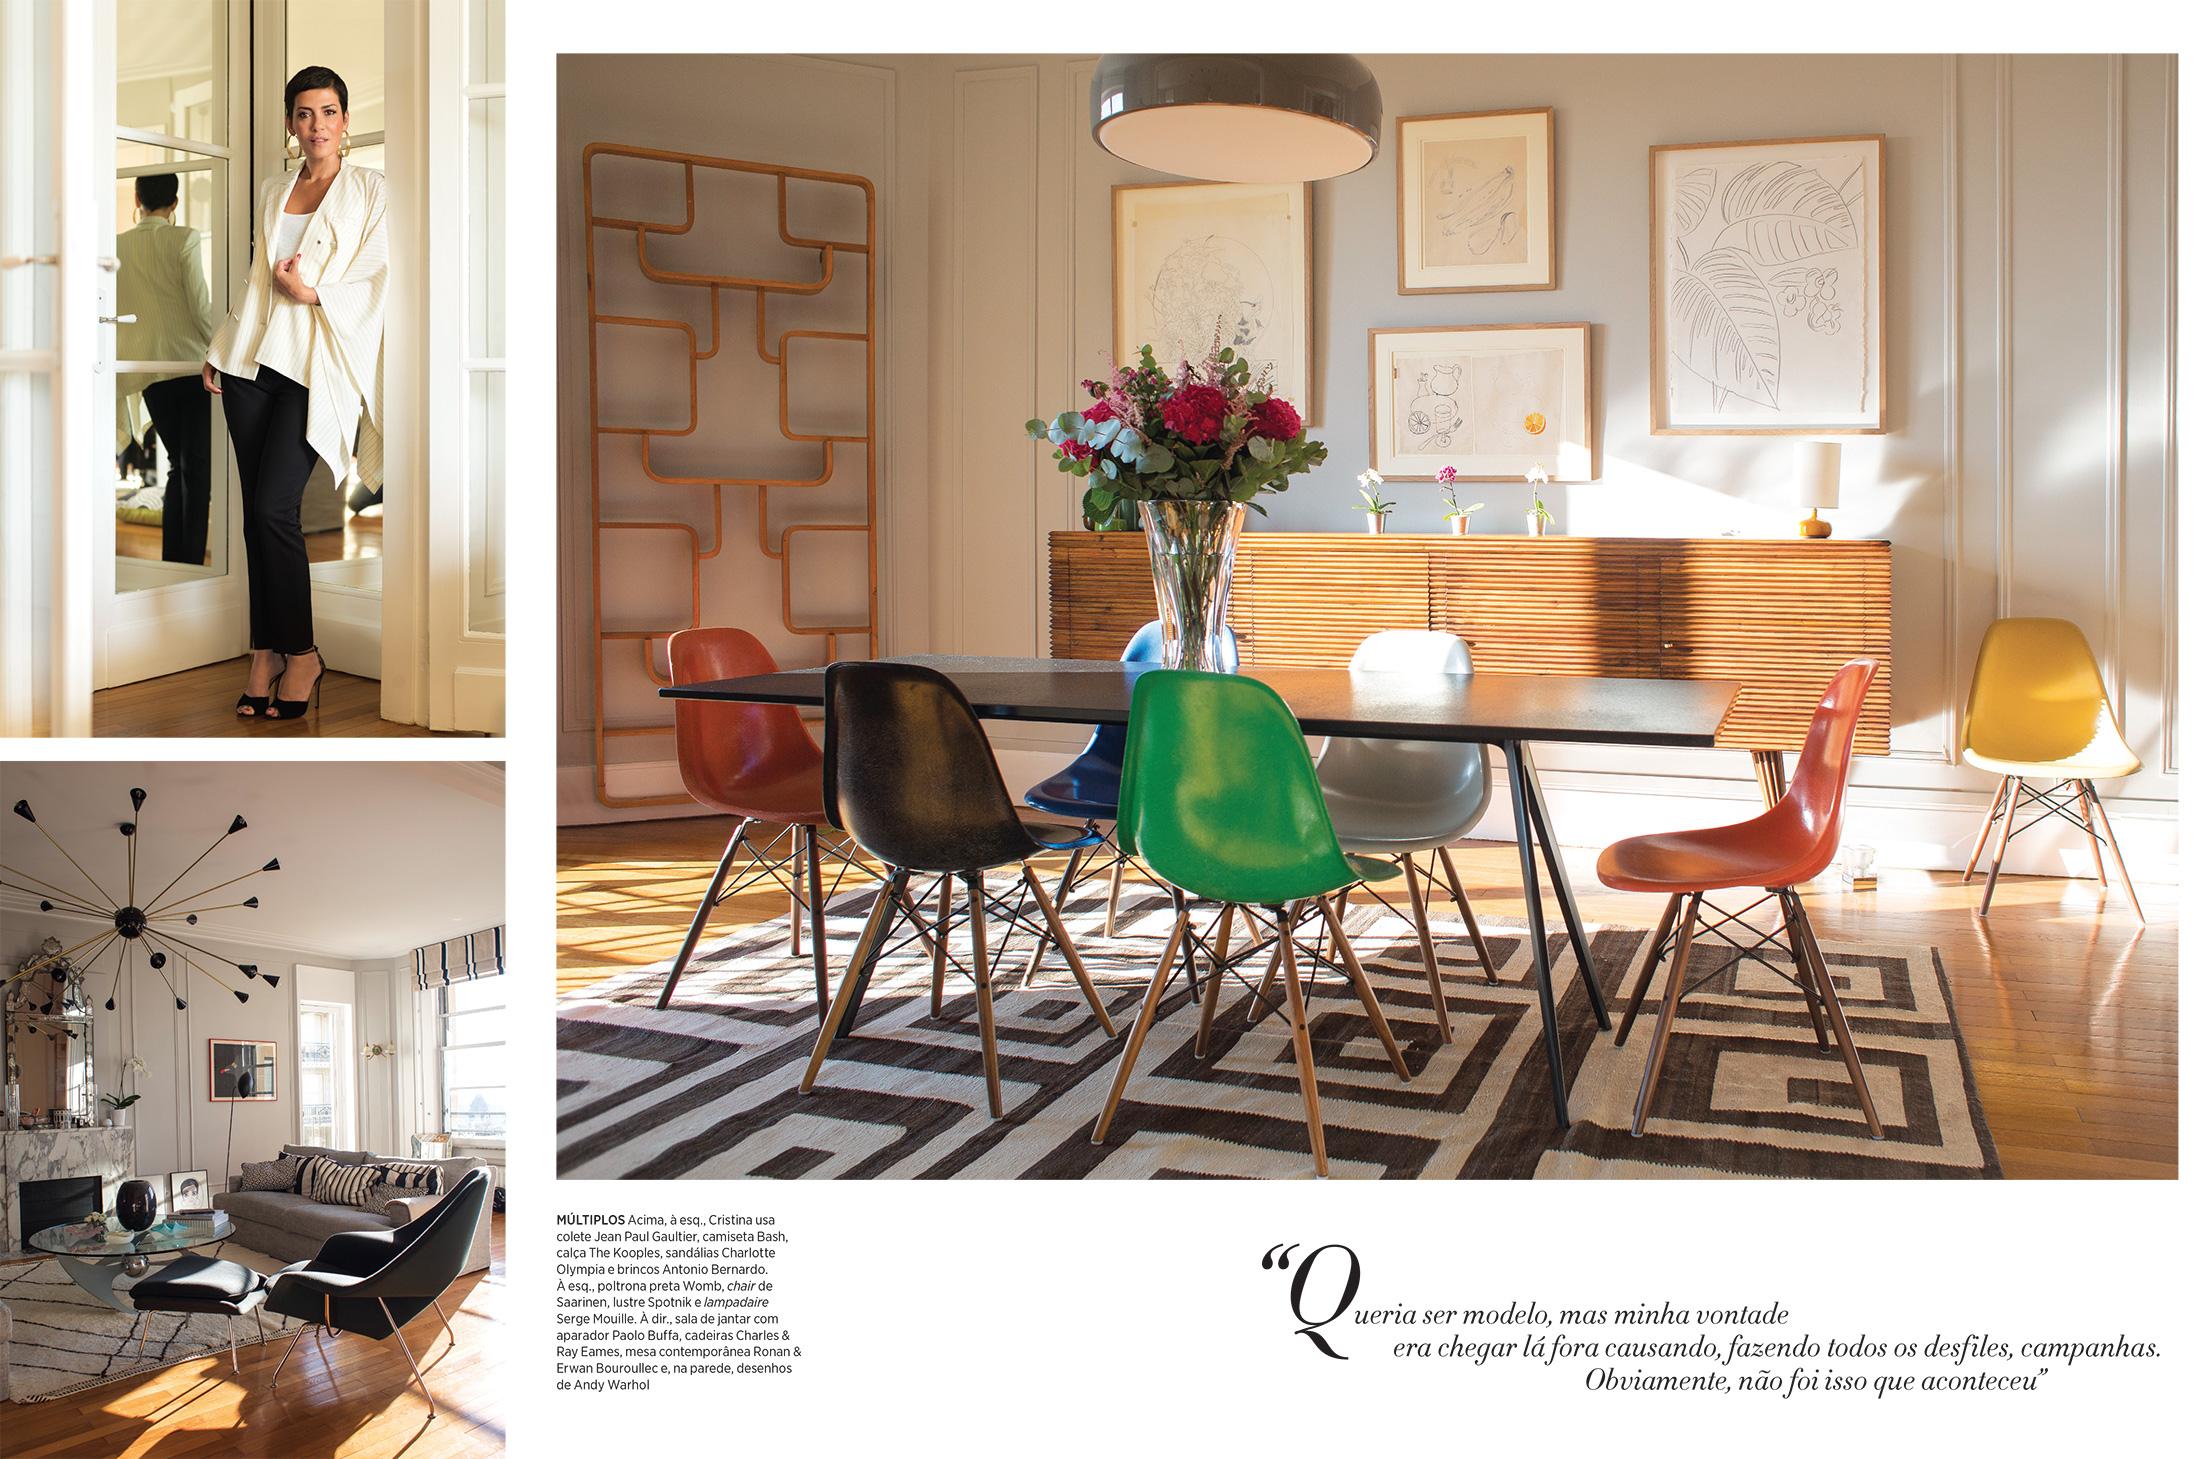 cristina cordula a fashionable life cristina cordula. Black Bedroom Furniture Sets. Home Design Ideas